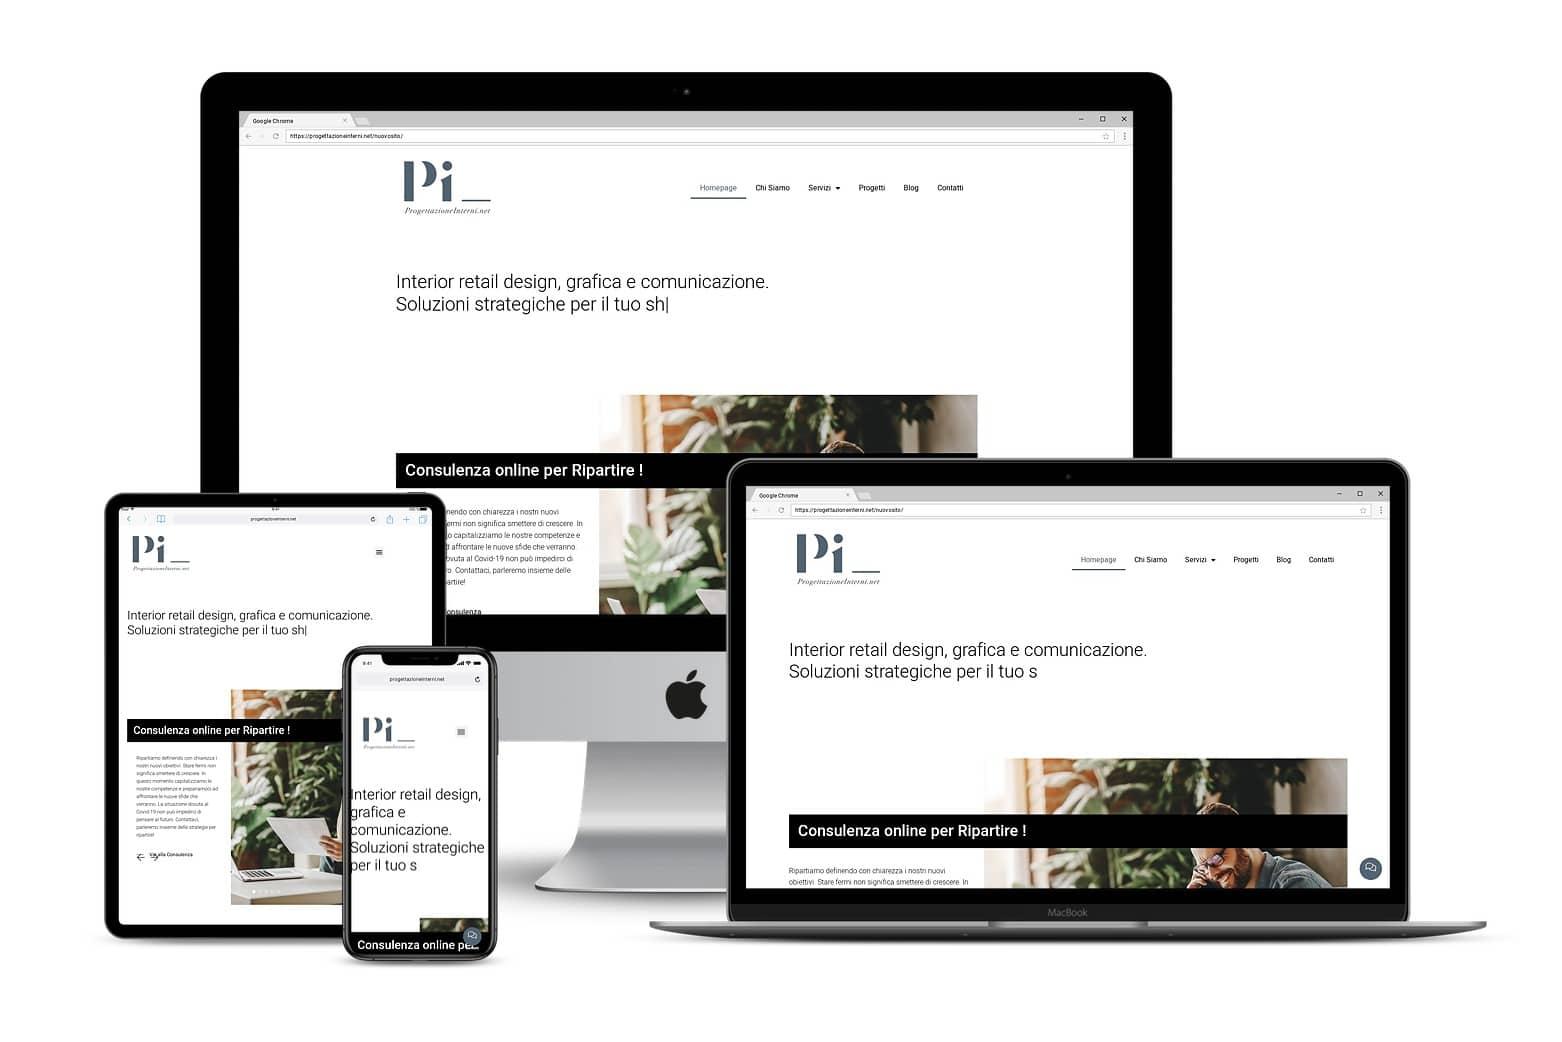 Sito Web progettazione interni marketingLink: www.progettazioneinterni.net